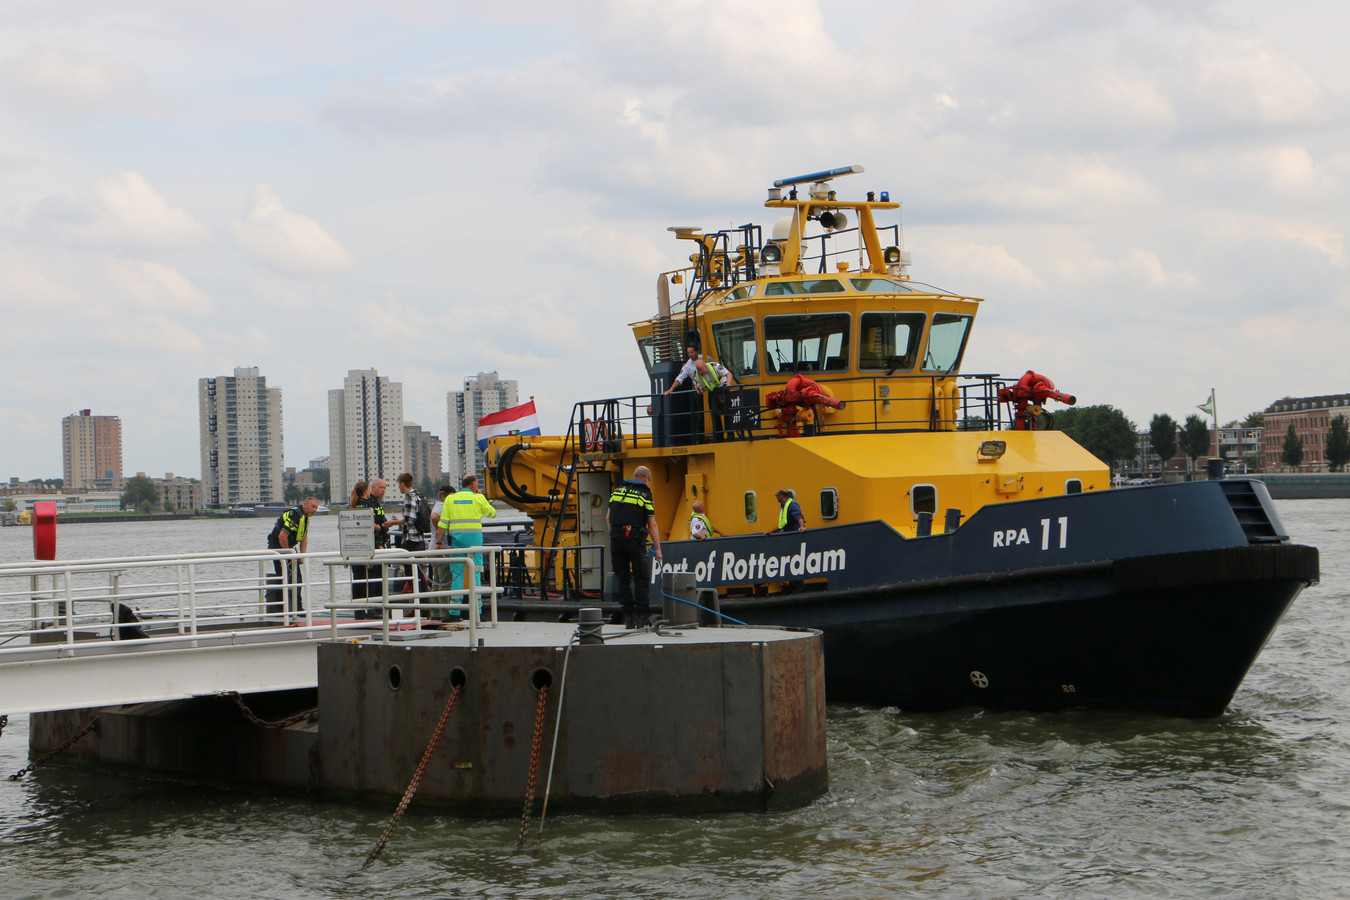 Na een aanvaring tussen een snelle rubberboot en een houten sloep is één dode gevallen.